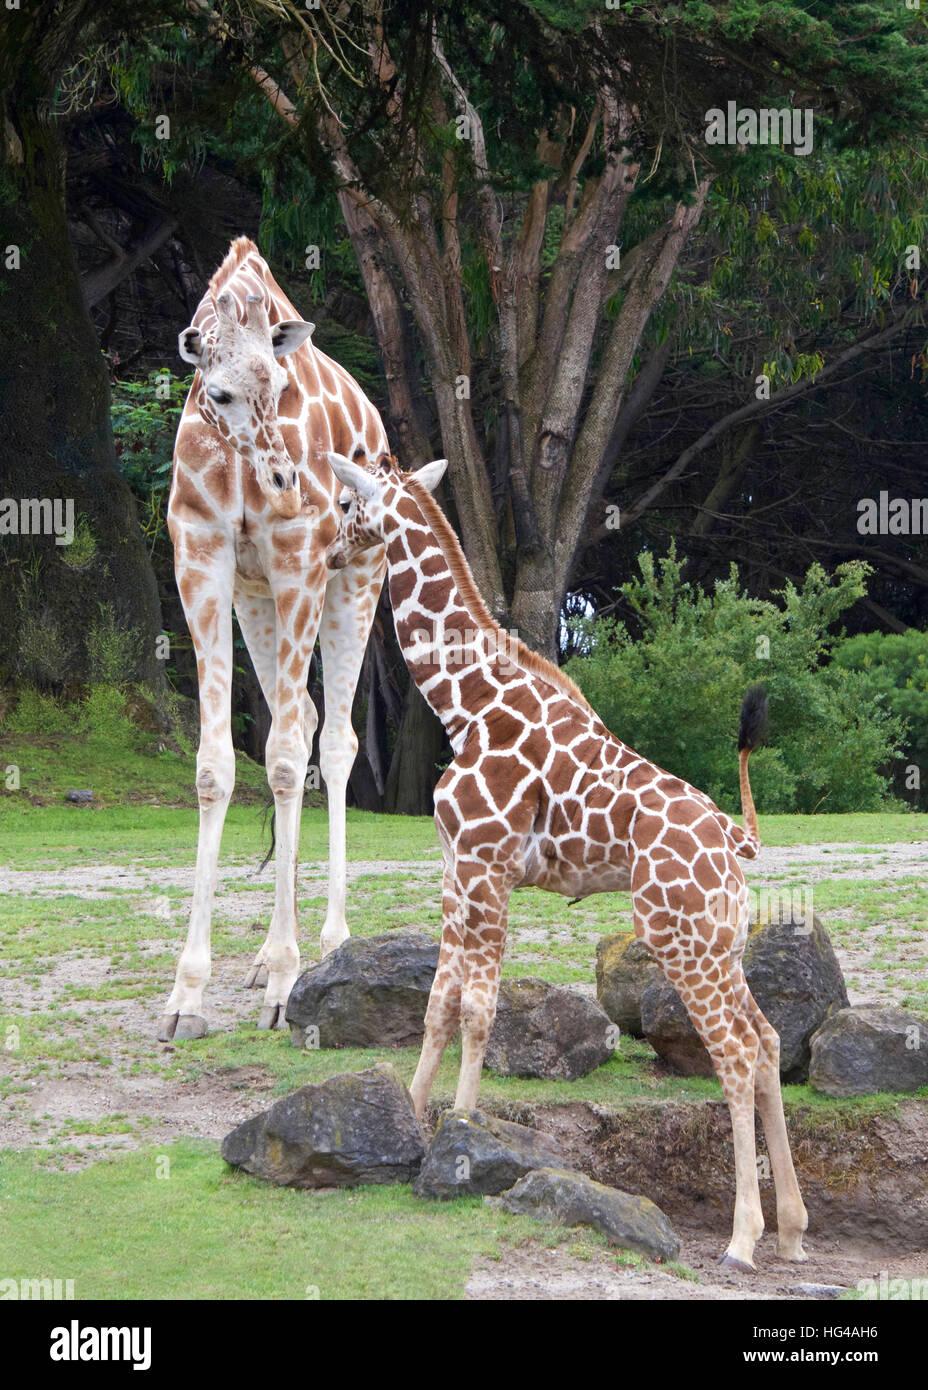 Madre giraffa con piedi rivolto verso Lui,r erba verde rocce e alberi in background, ritratto vista verticale Immagini Stock